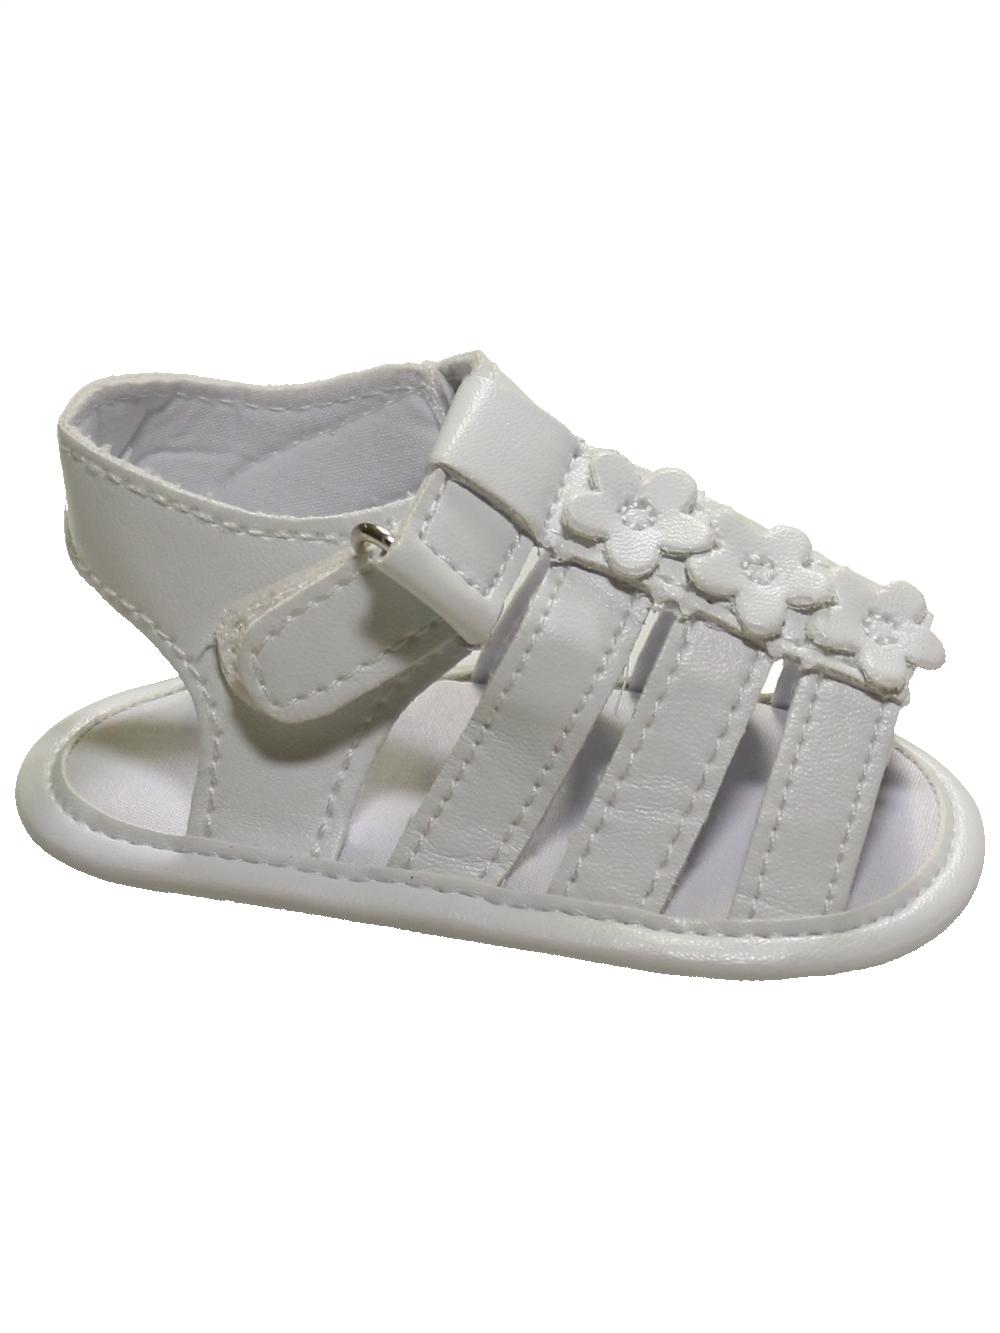 6e4ef5867c40f Chaussures bebe gris SAXO BLUES BY ORCHESTRA du 17 pour Fille - 985362